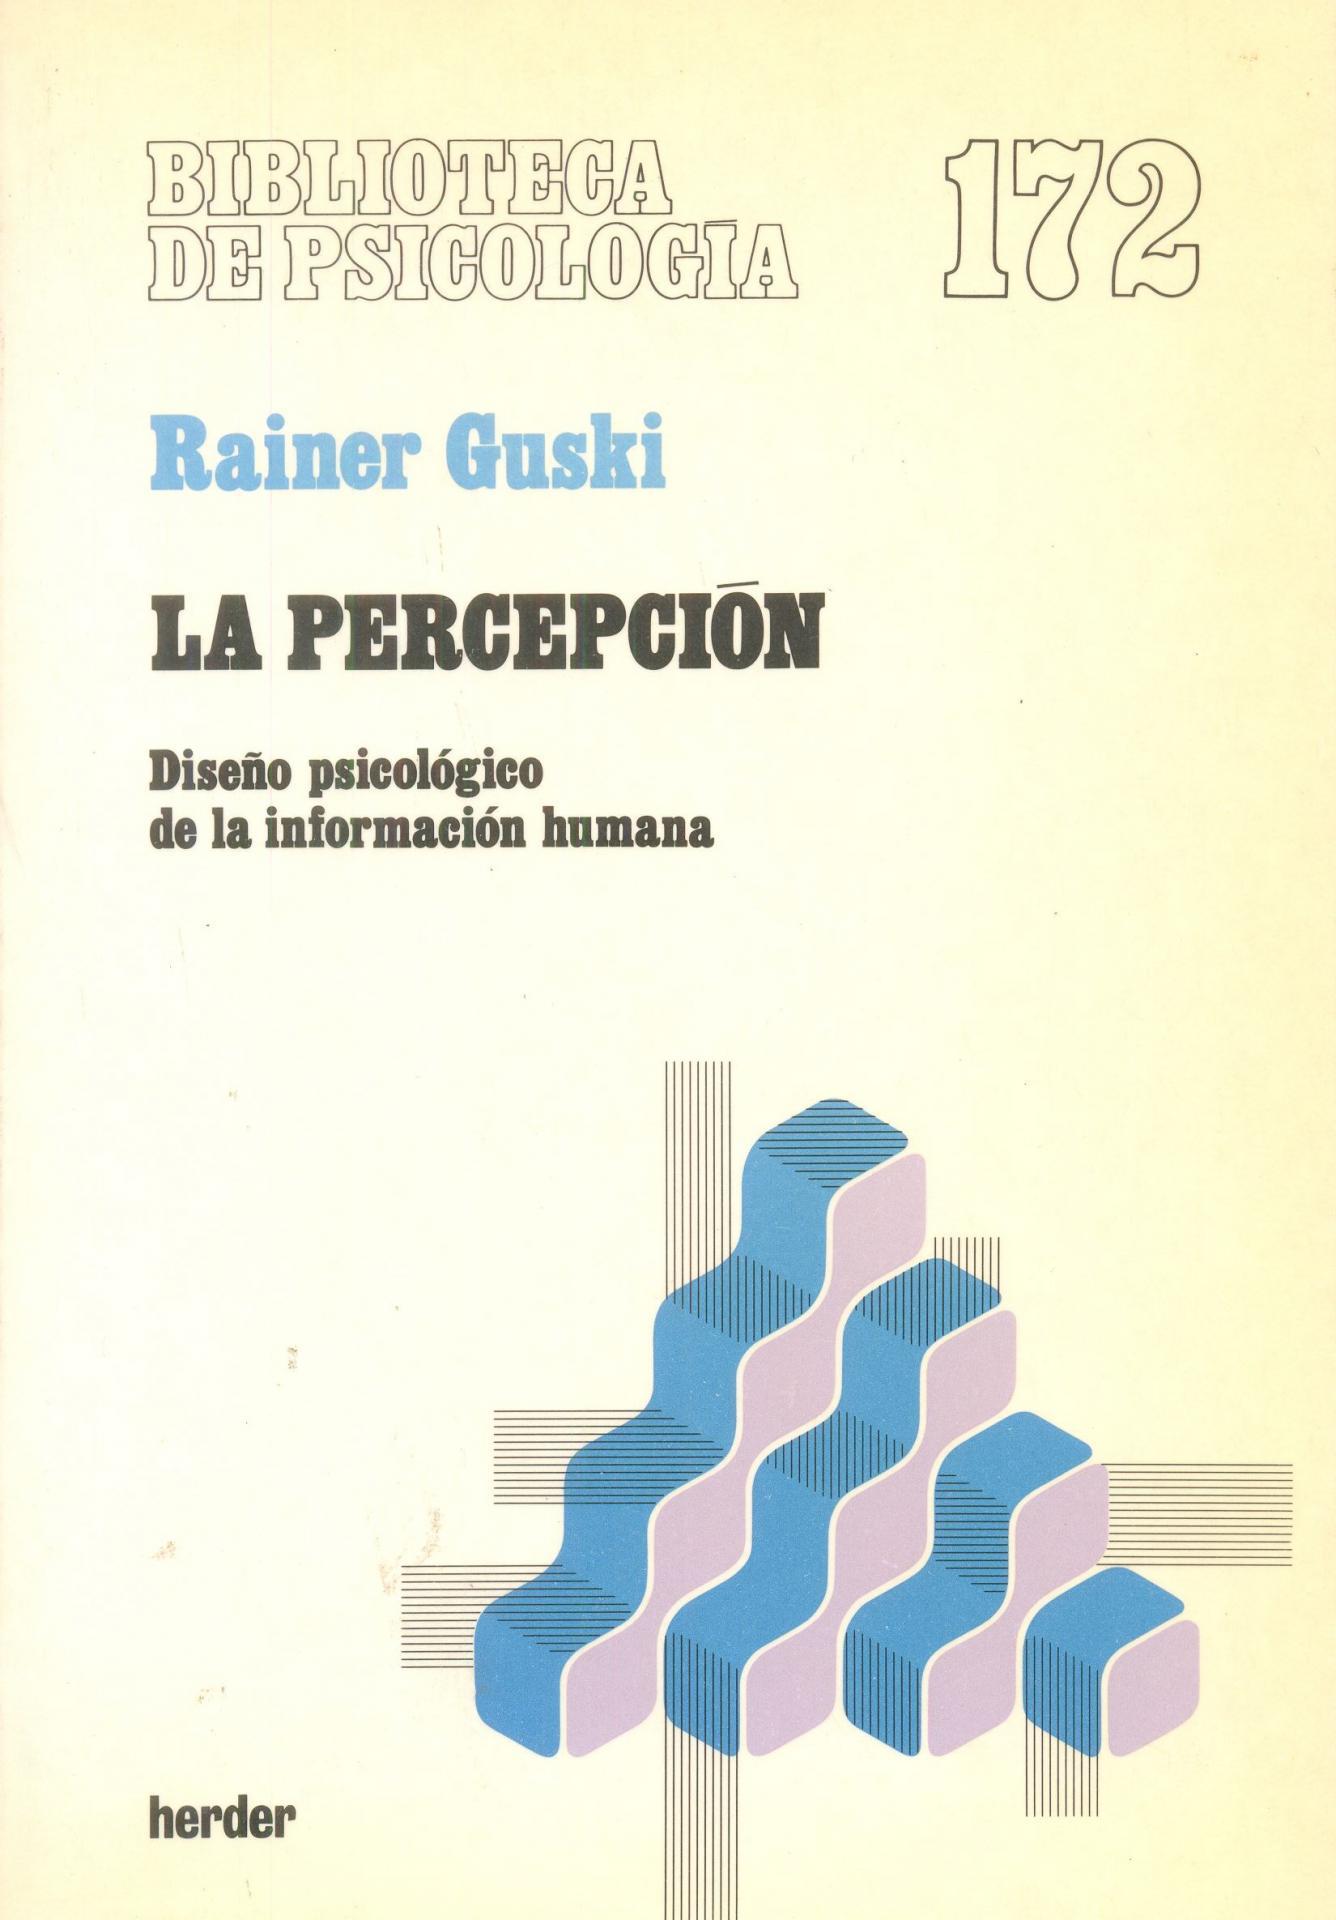 LA PERCEPCIÓN. Diseño psicológico de la información humana. Guski, R.